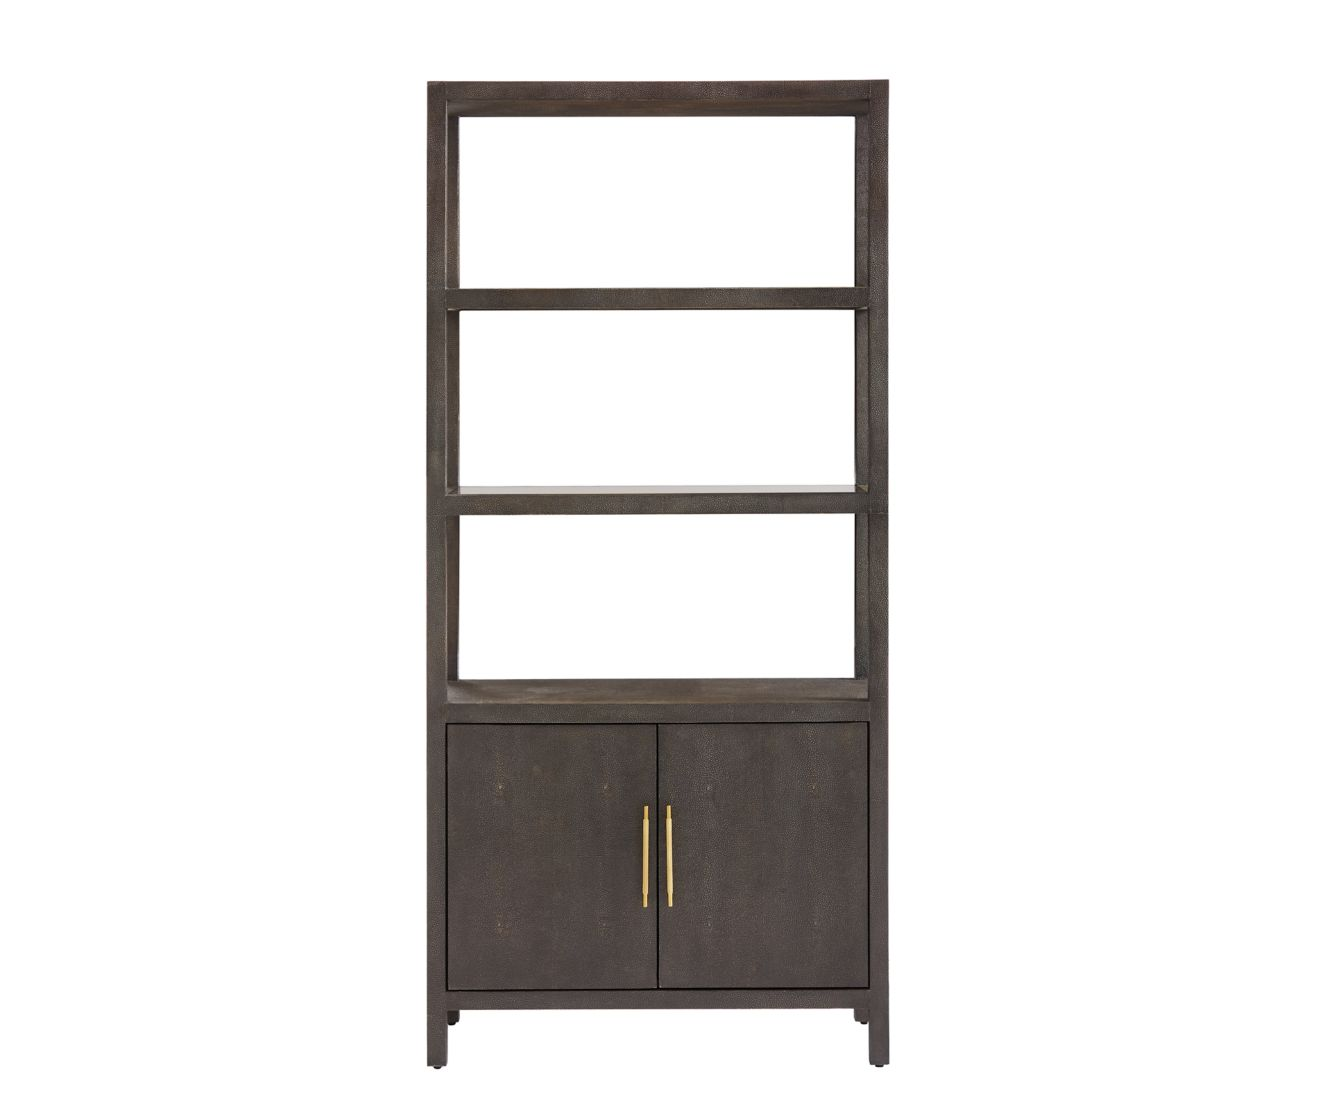 Panavista Archetype Bookcase by Stanley